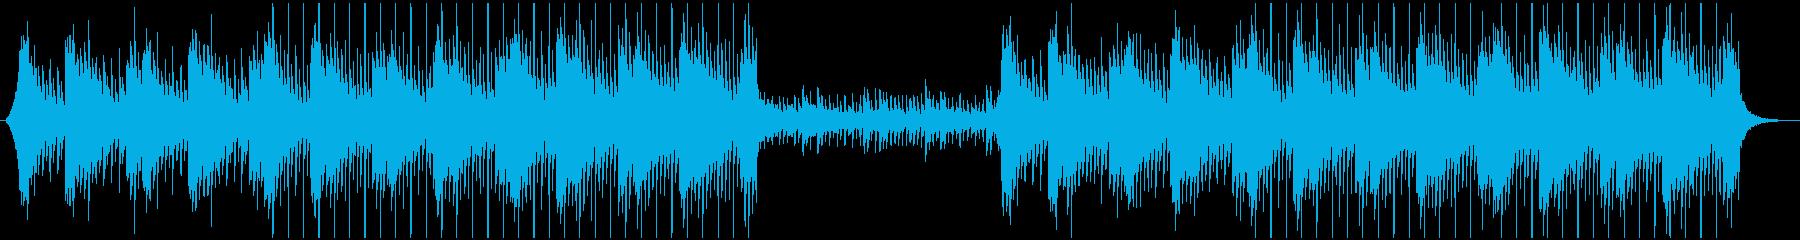 インディーズ ロック アクティブ ...の再生済みの波形